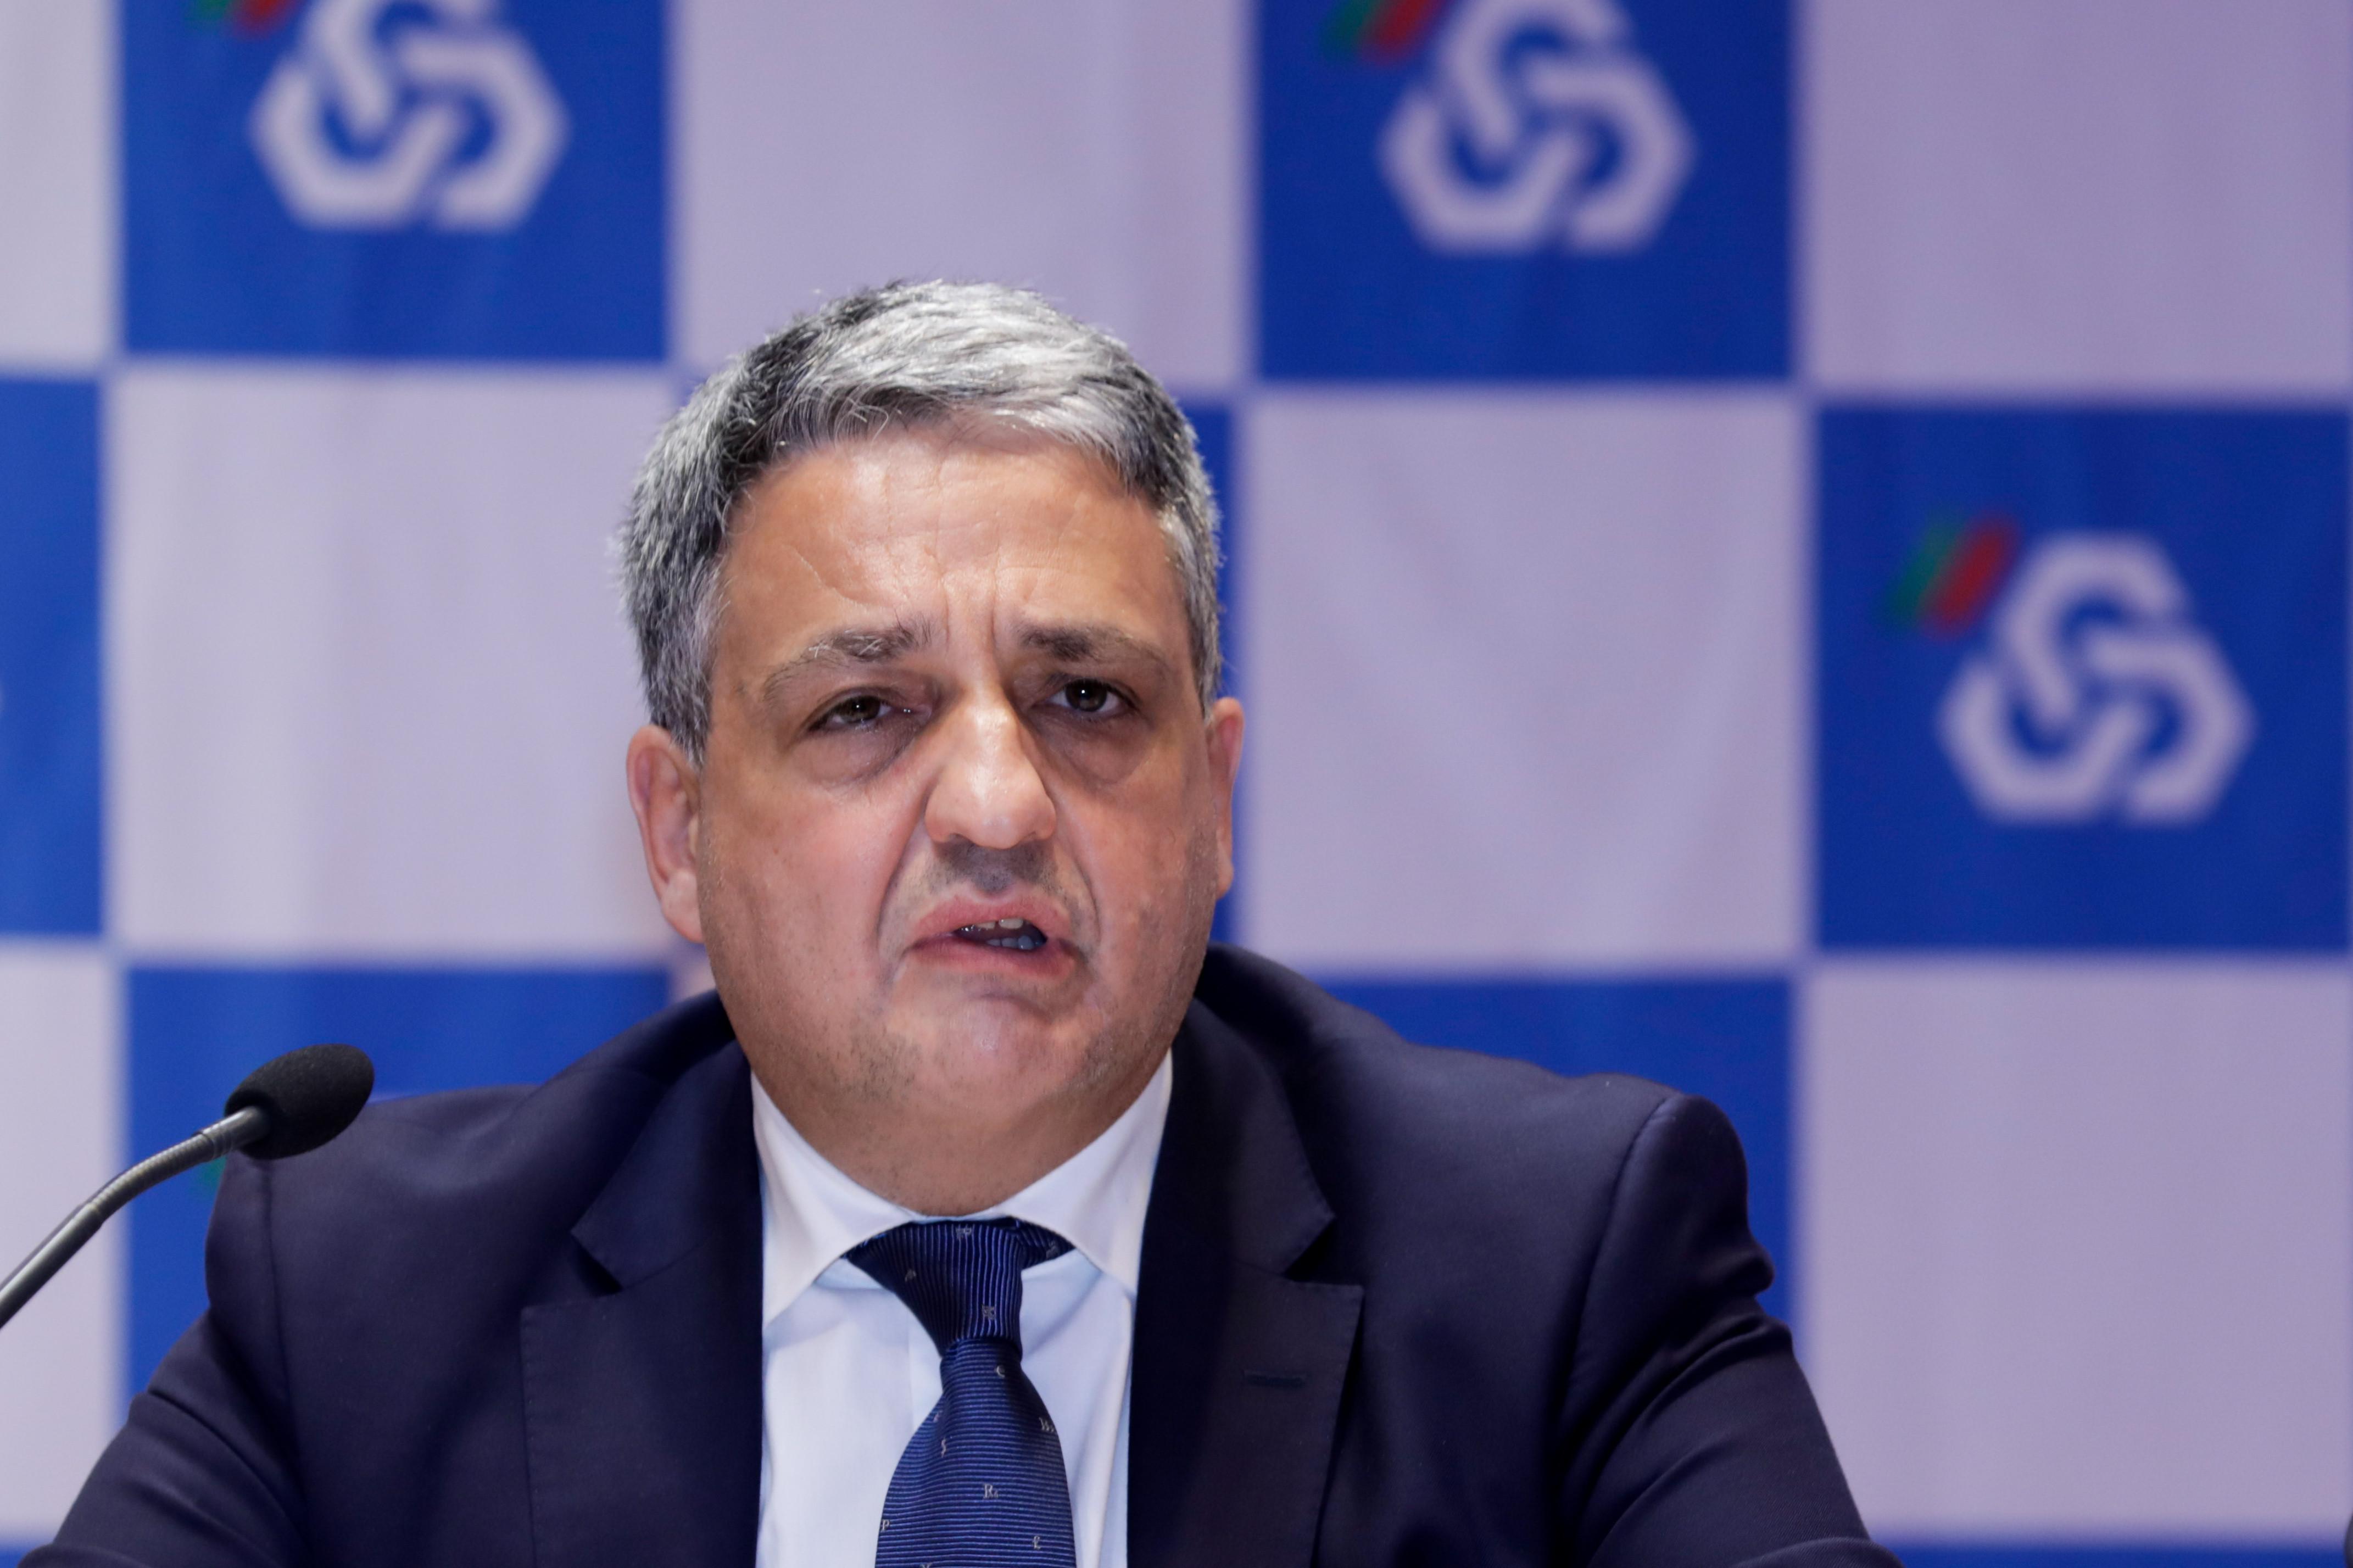 Paulo Macedo cumpre 2 anos 'ao leme' da CGD com banco envolto em polémica